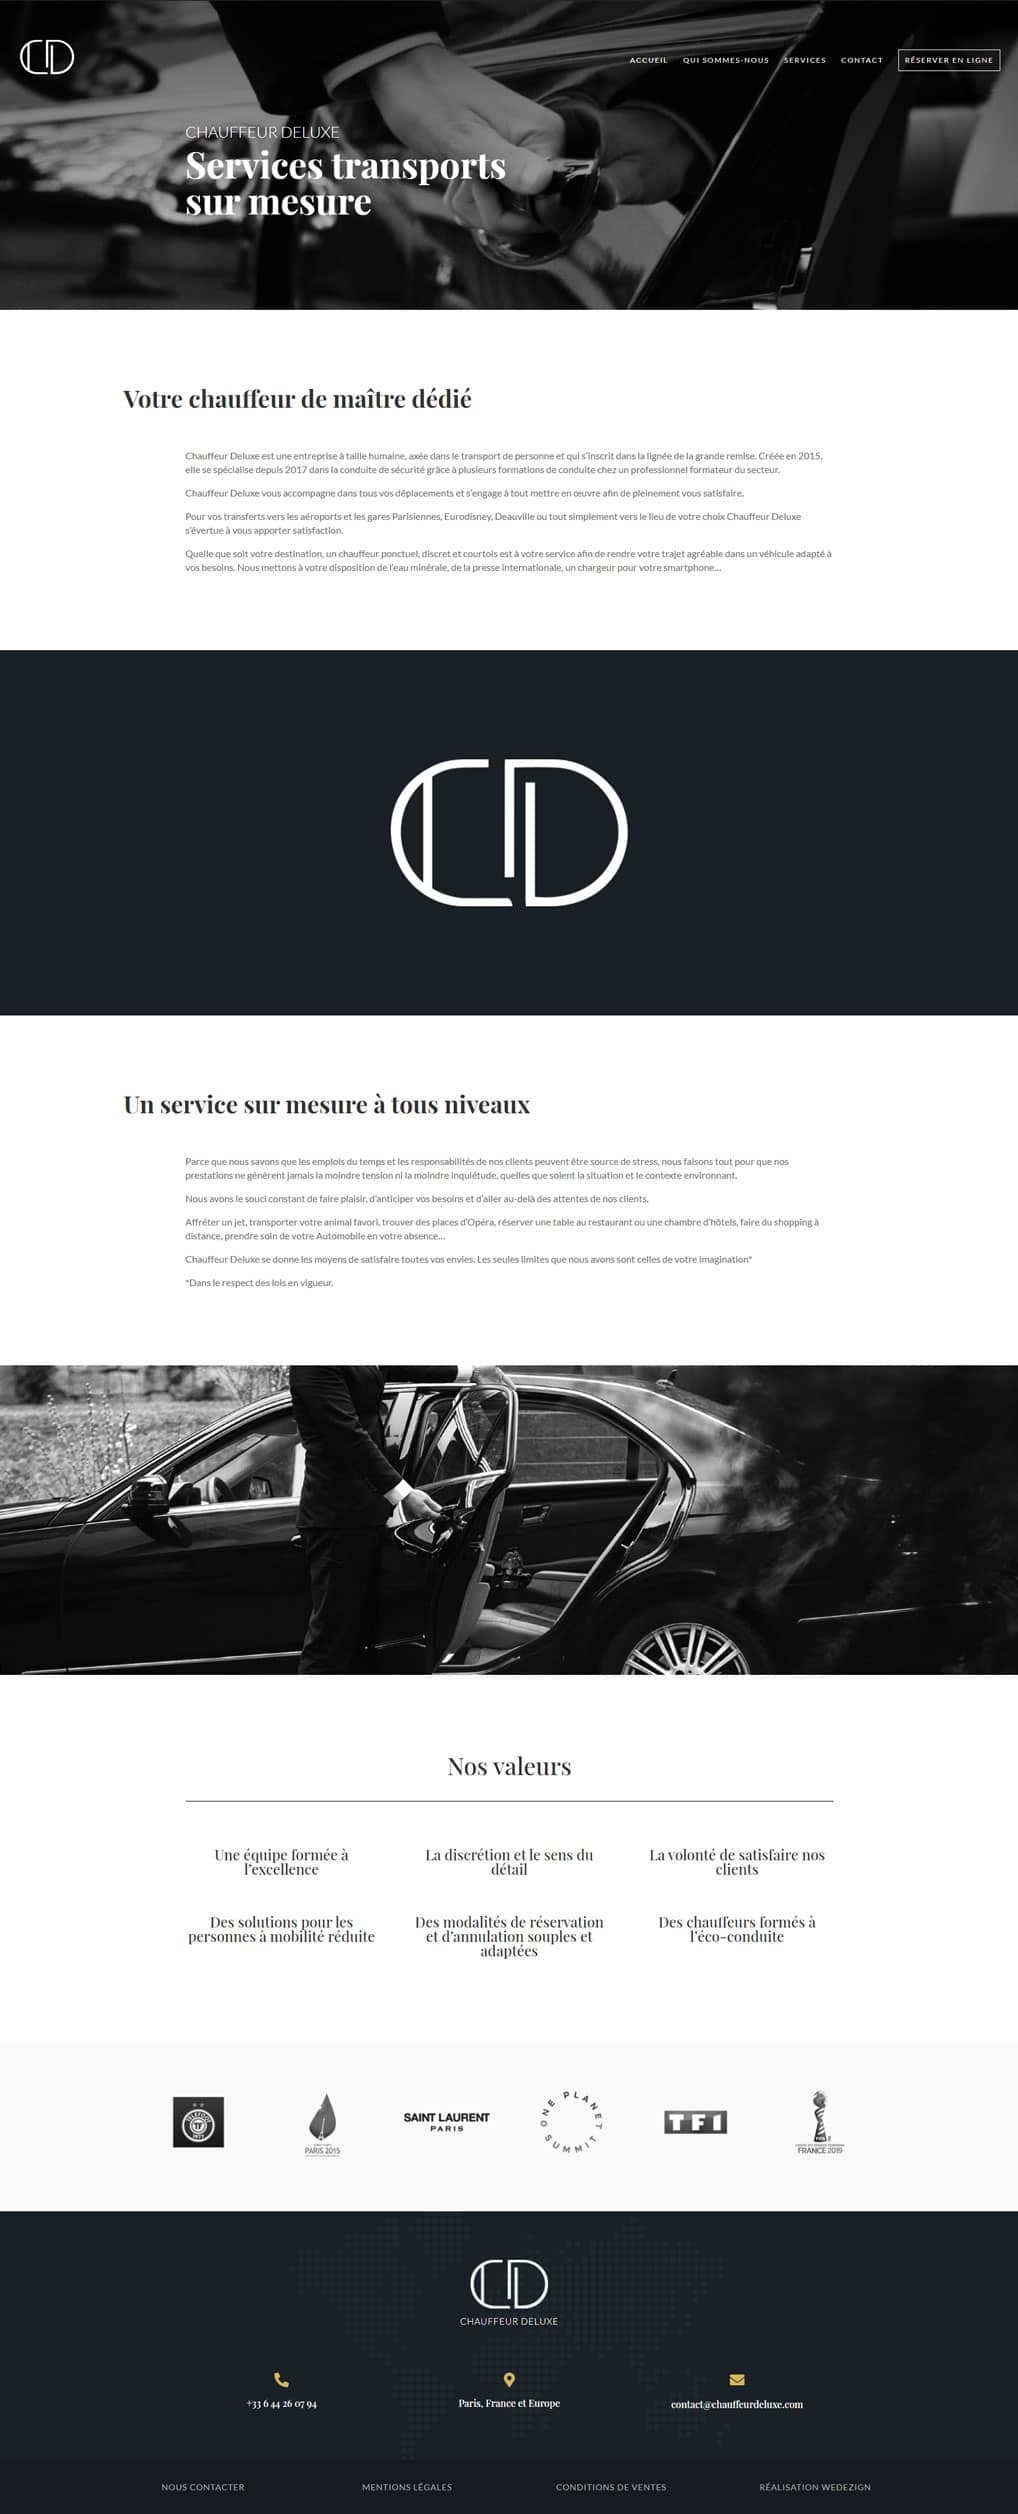 Maquette site ecommerce mariette dfd